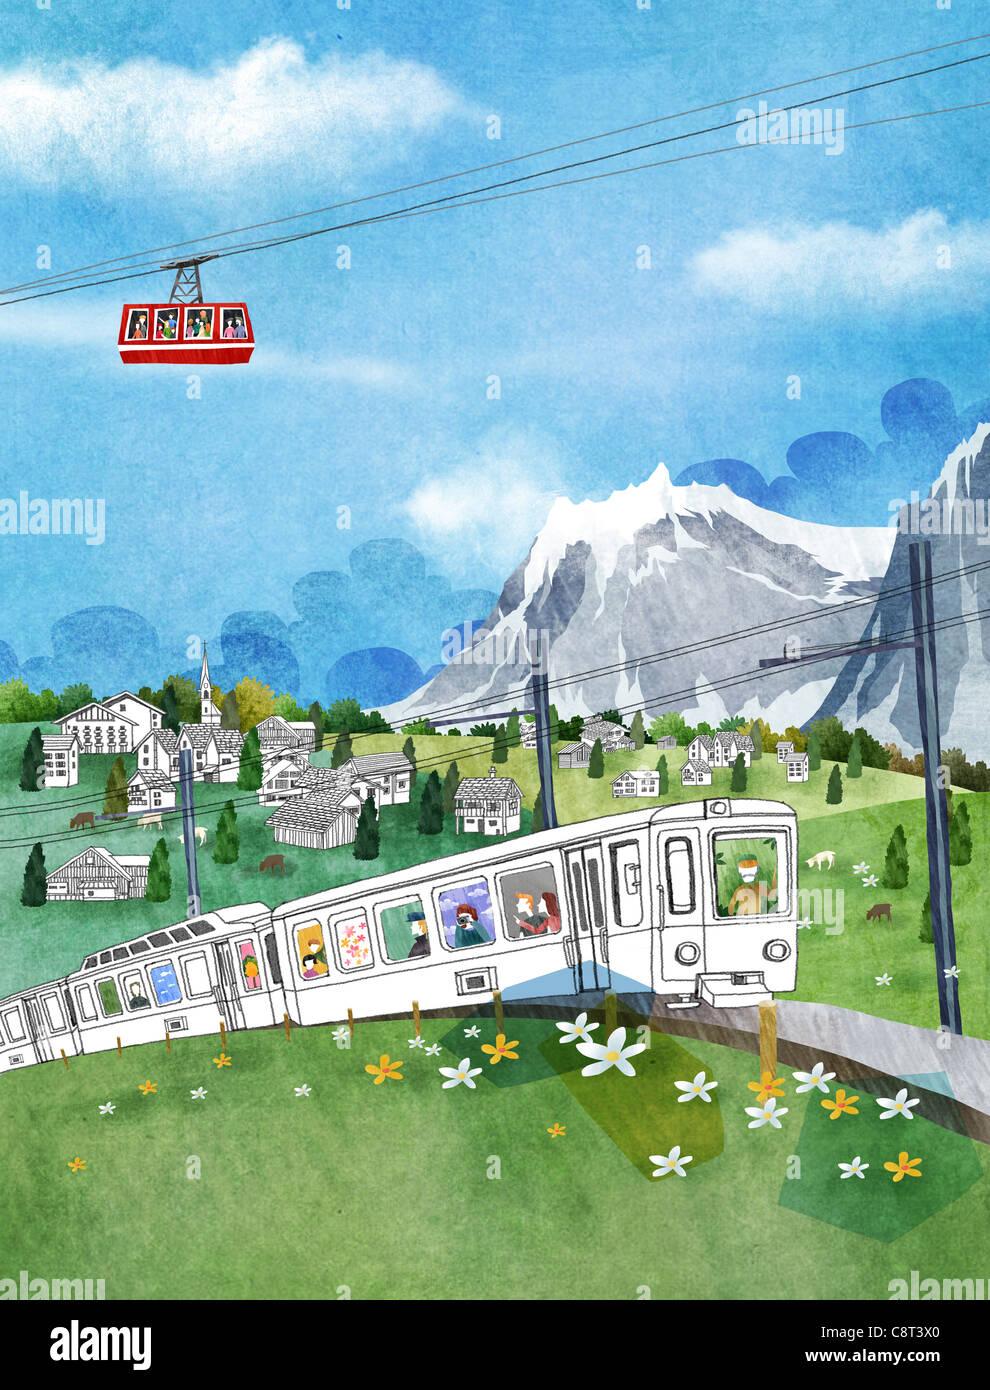 Seilbahn und Spielzeugeisenbahn auf grüne Landschaft Stockfoto